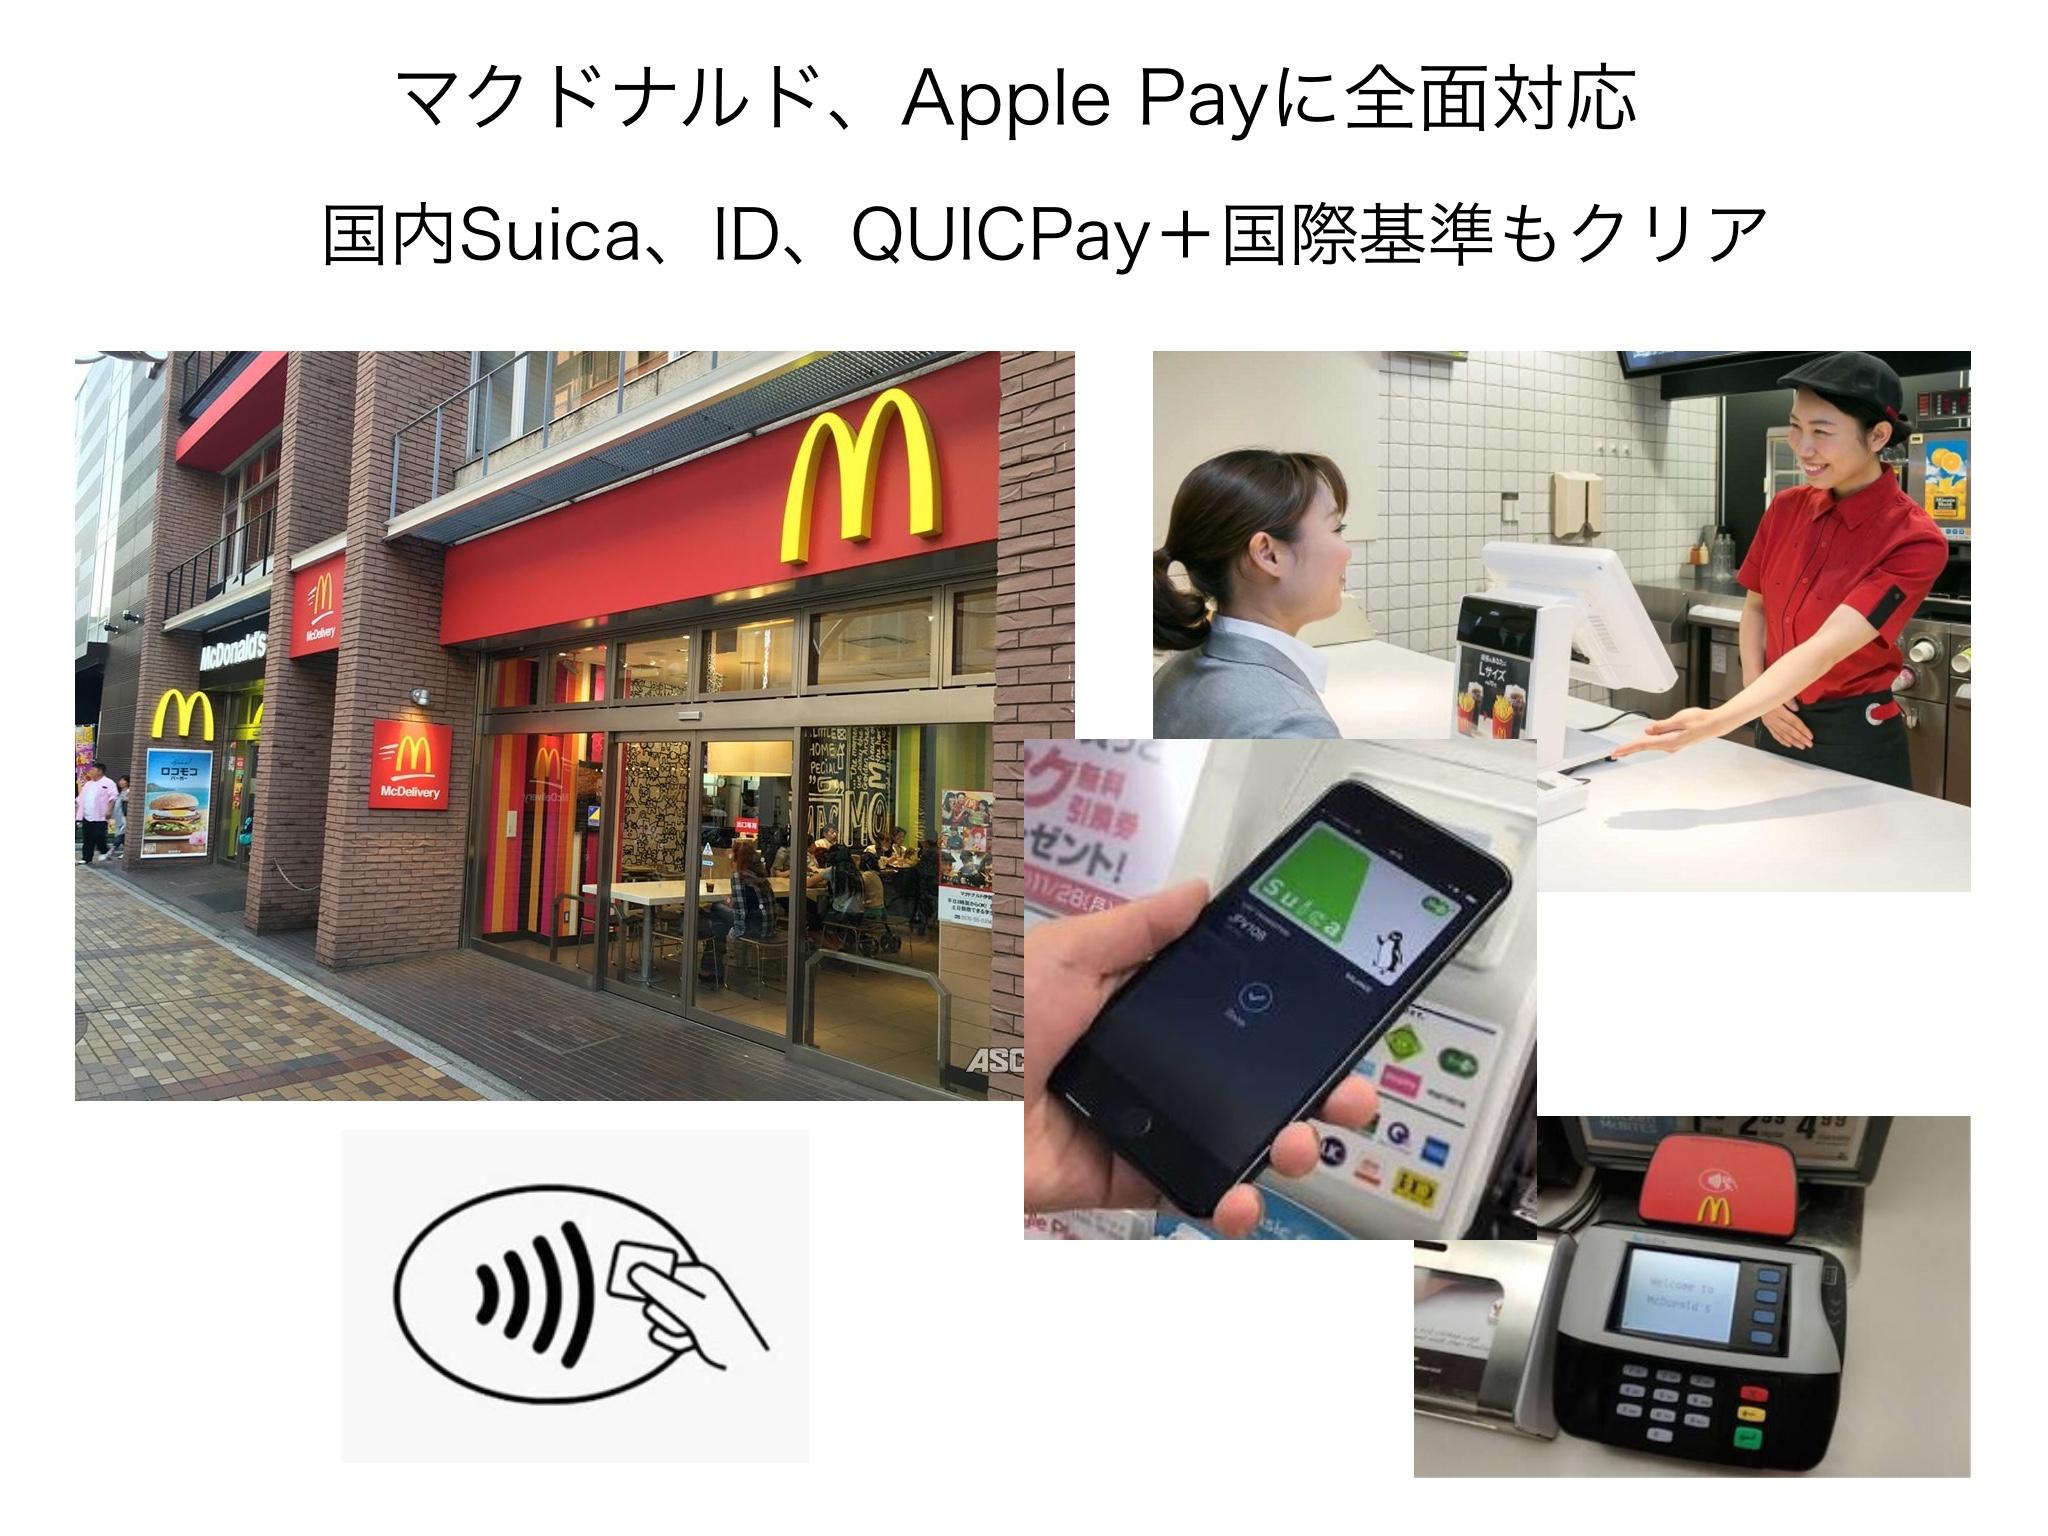 マクドナルドがApple Pay完全対応